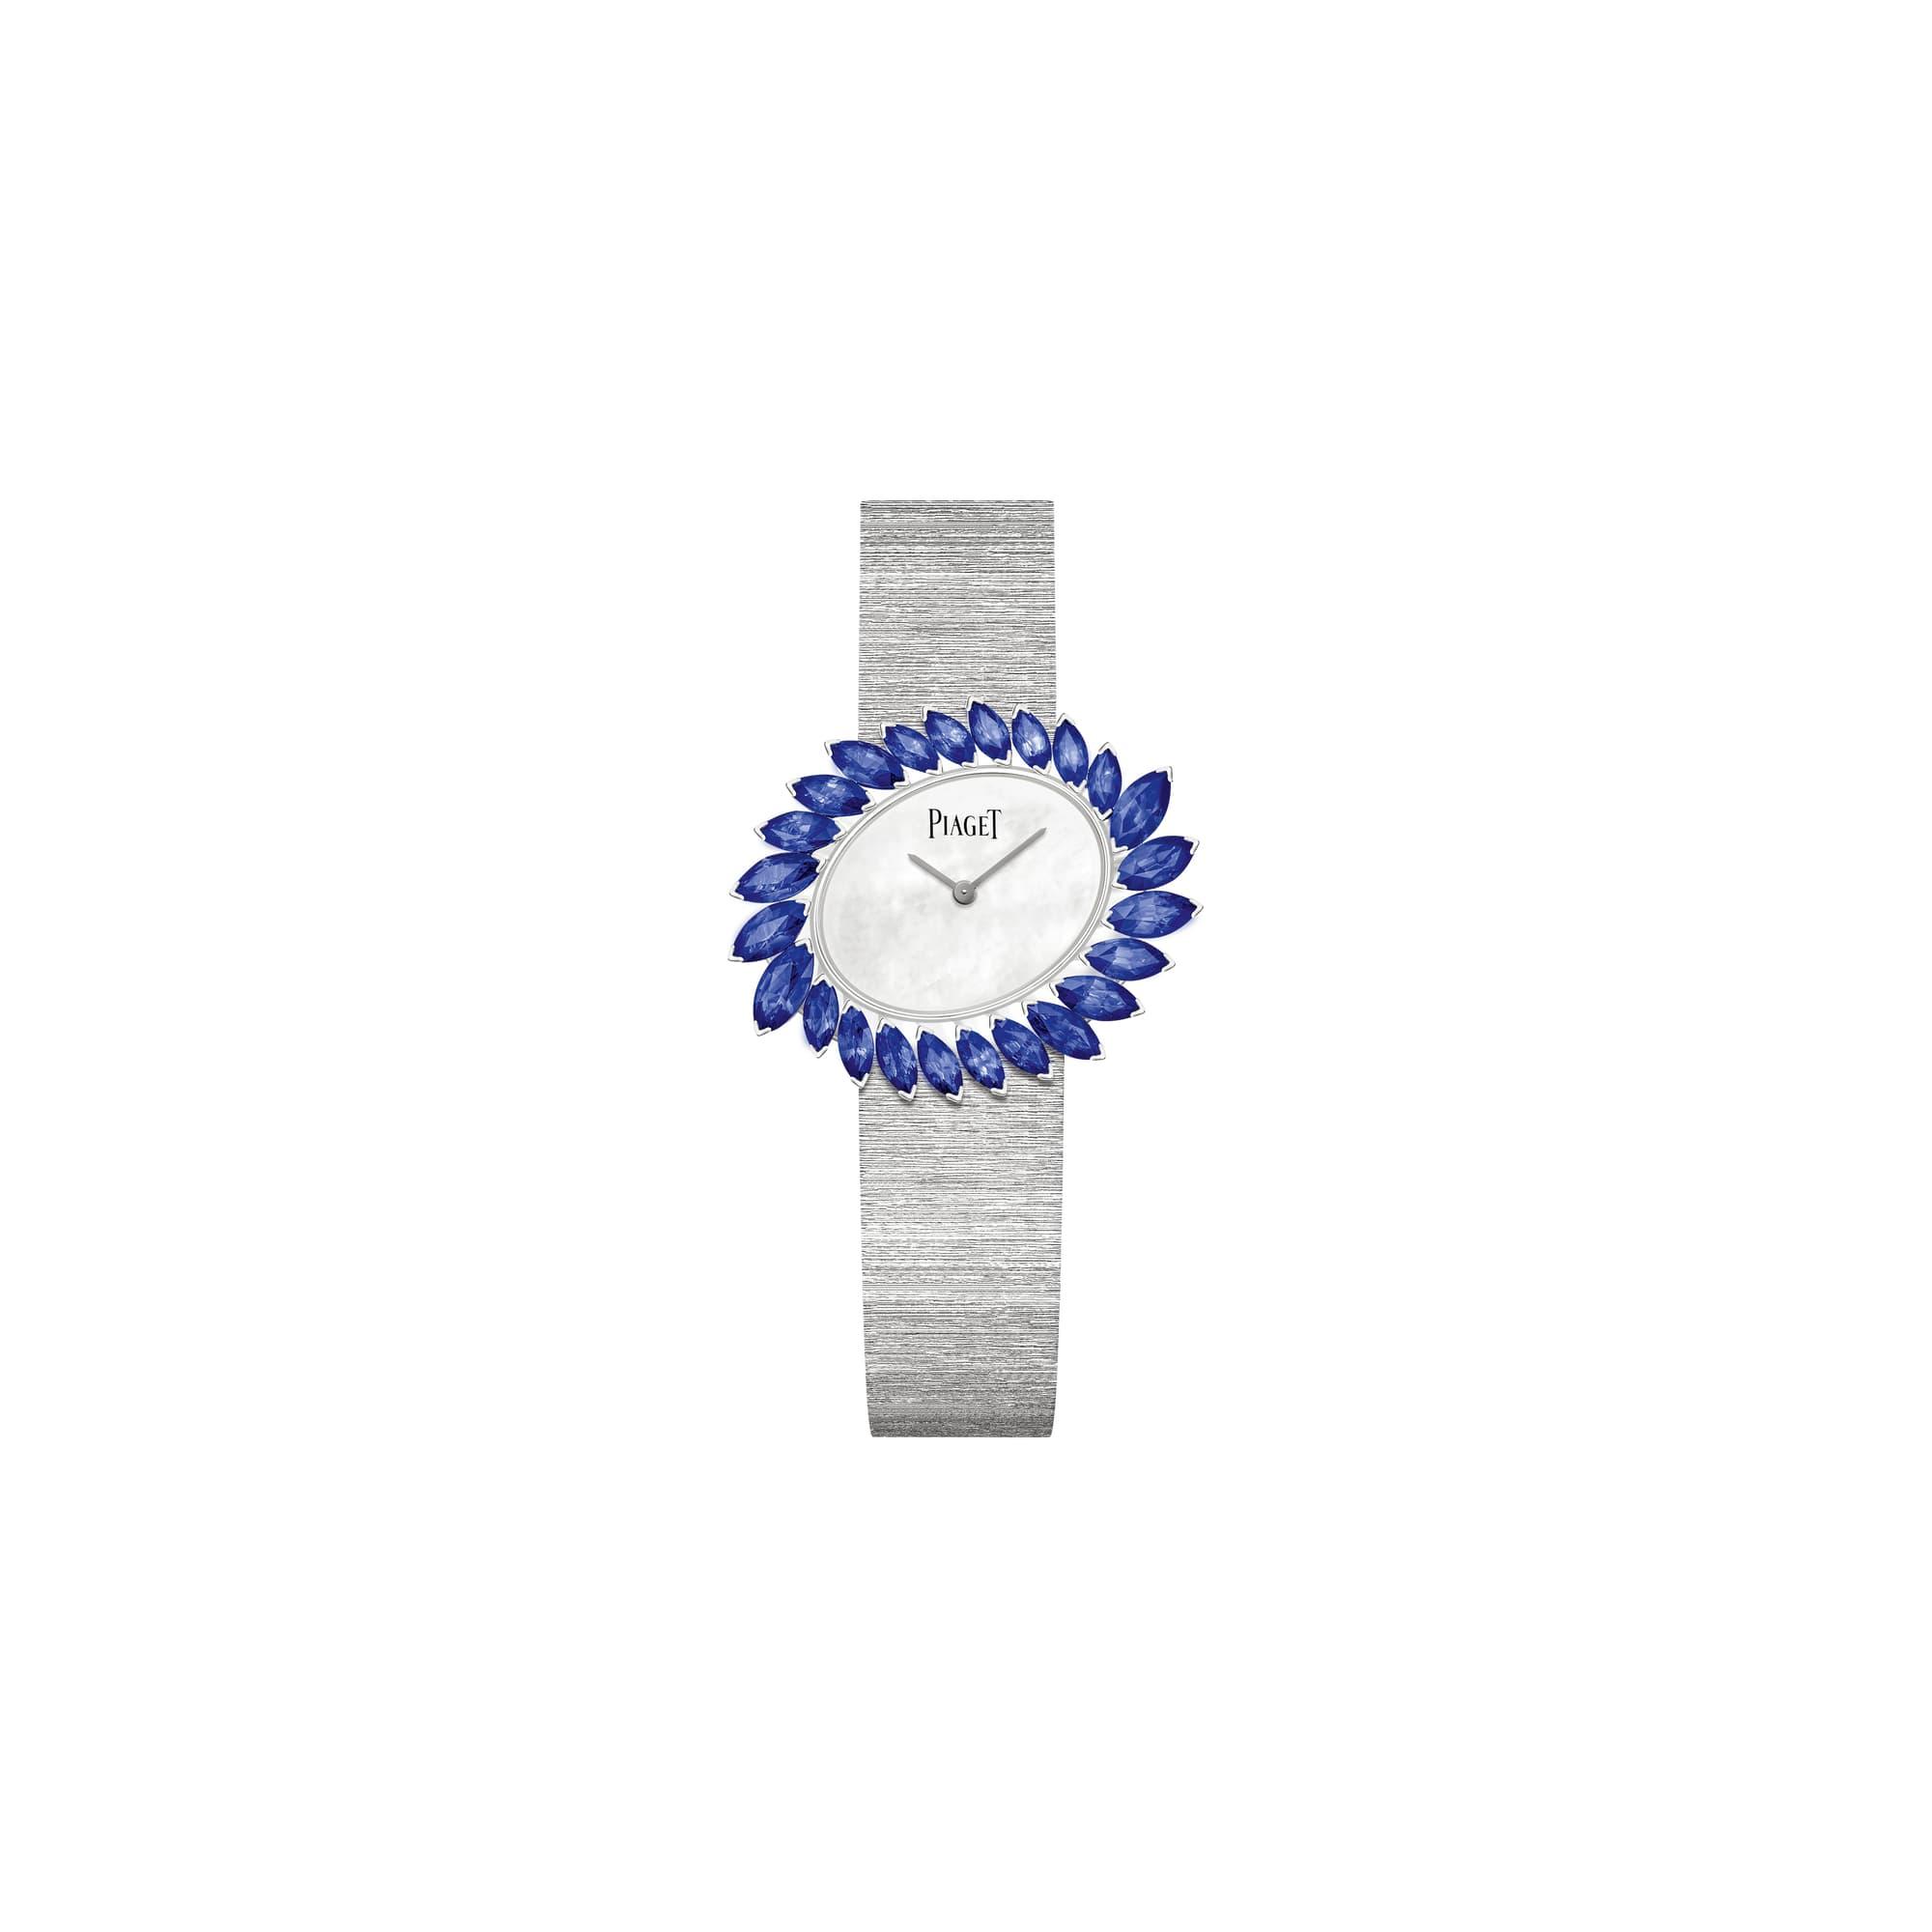 사파이어 장식의 골든 오아시스 화이트 골드 시계